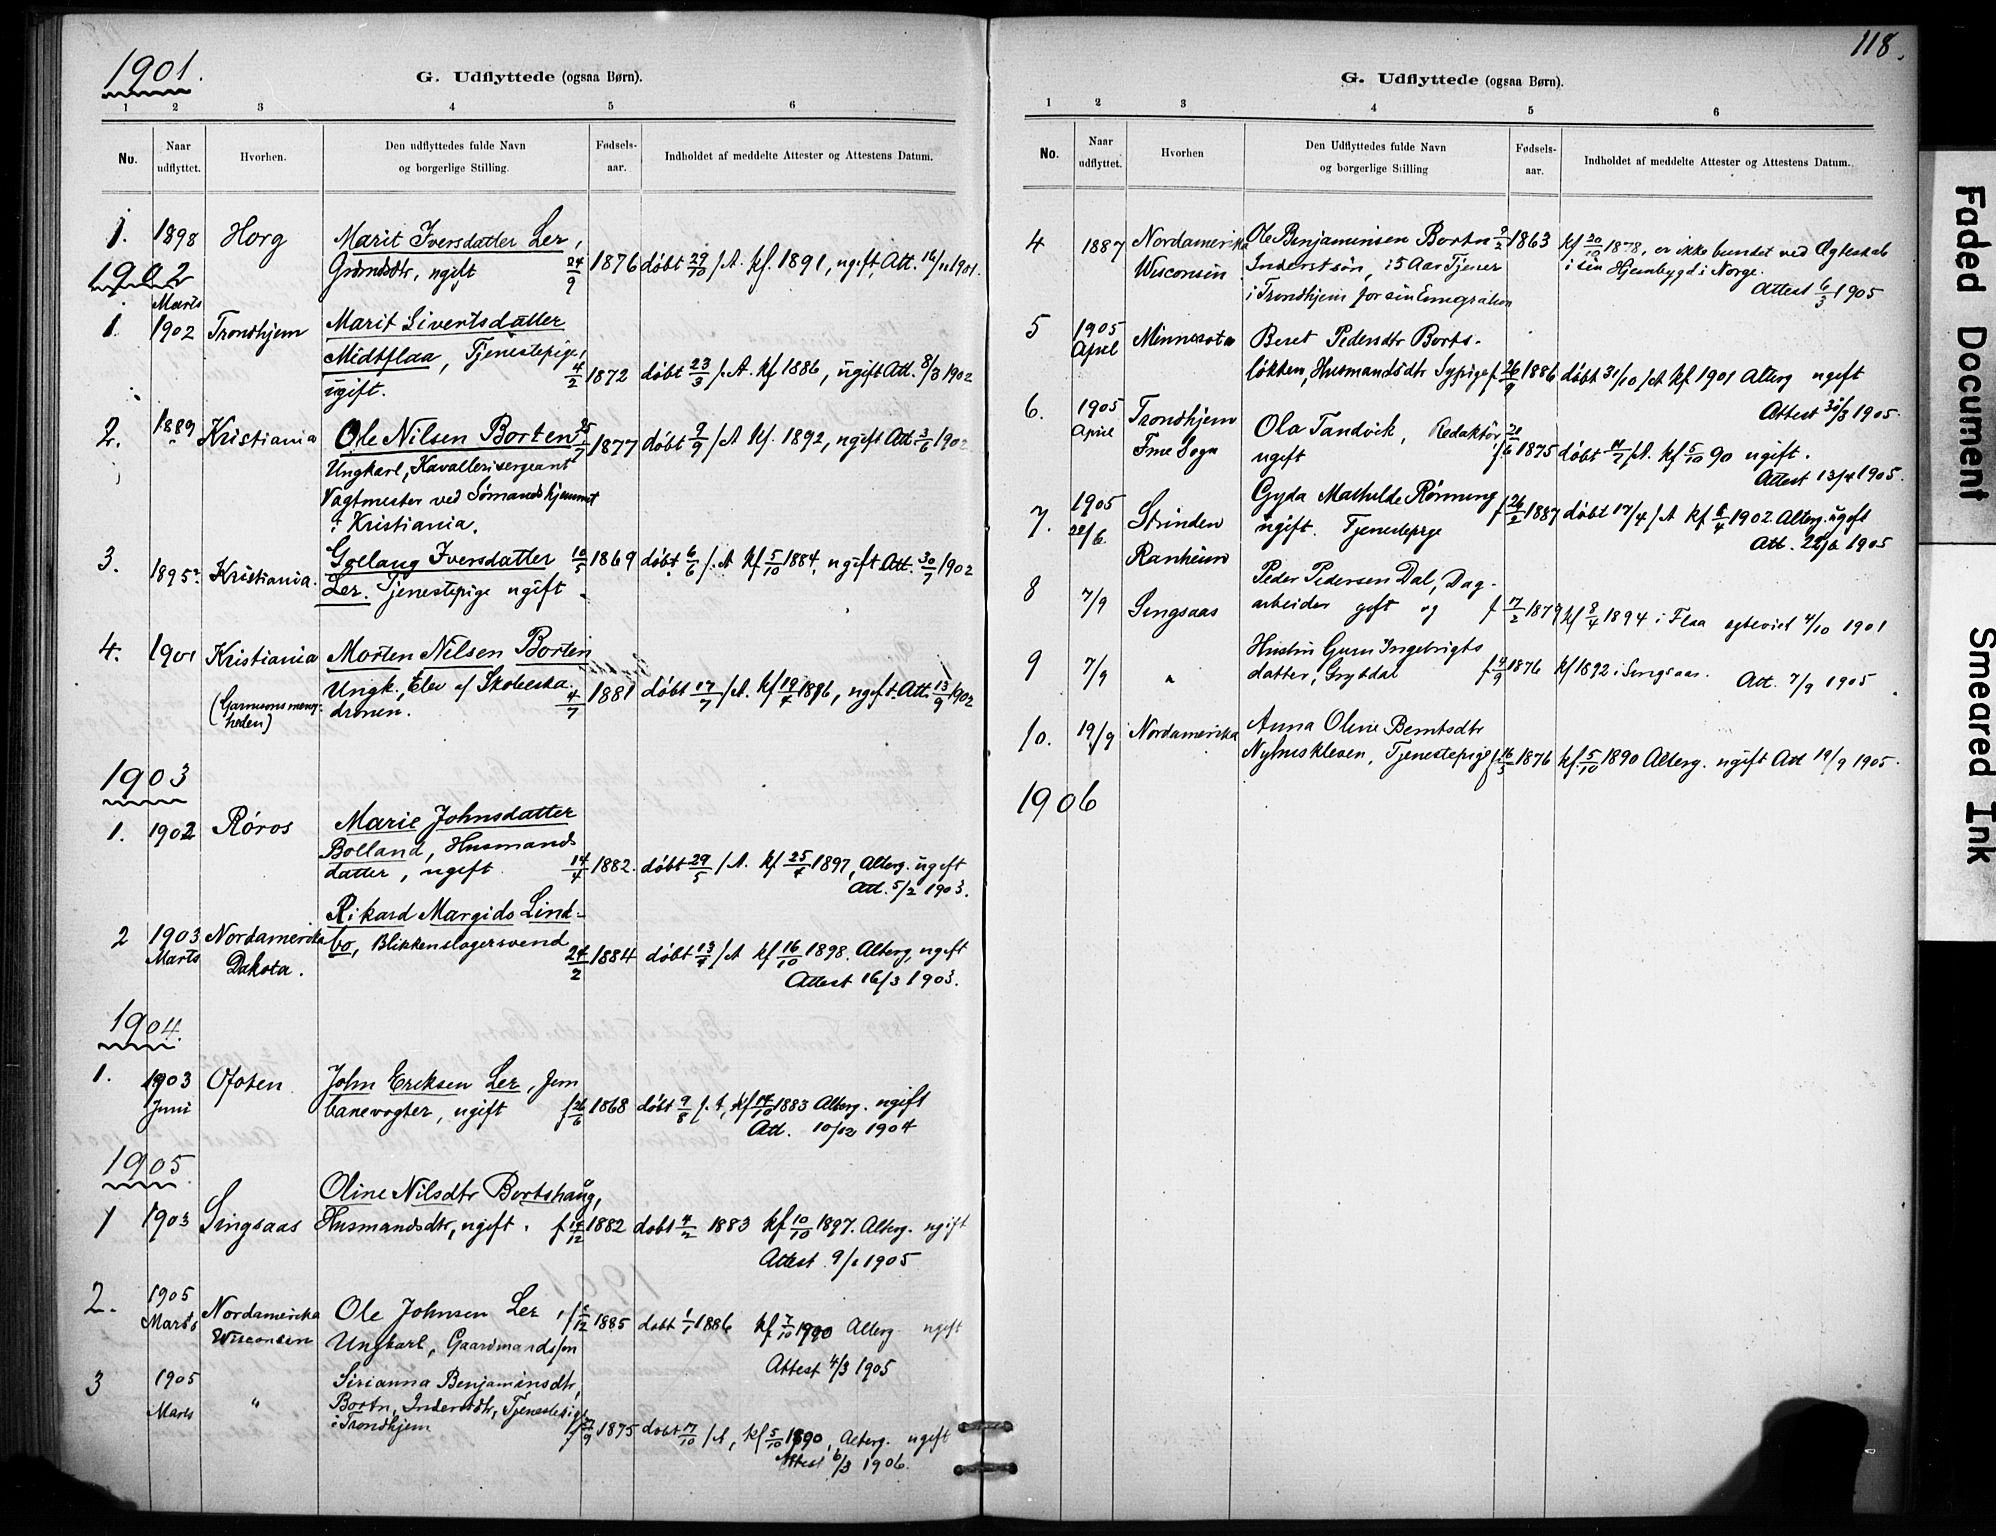 SAT, Ministerialprotokoller, klokkerbøker og fødselsregistre - Sør-Trøndelag, 693/L1119: Ministerialbok nr. 693A01, 1887-1905, s. 118